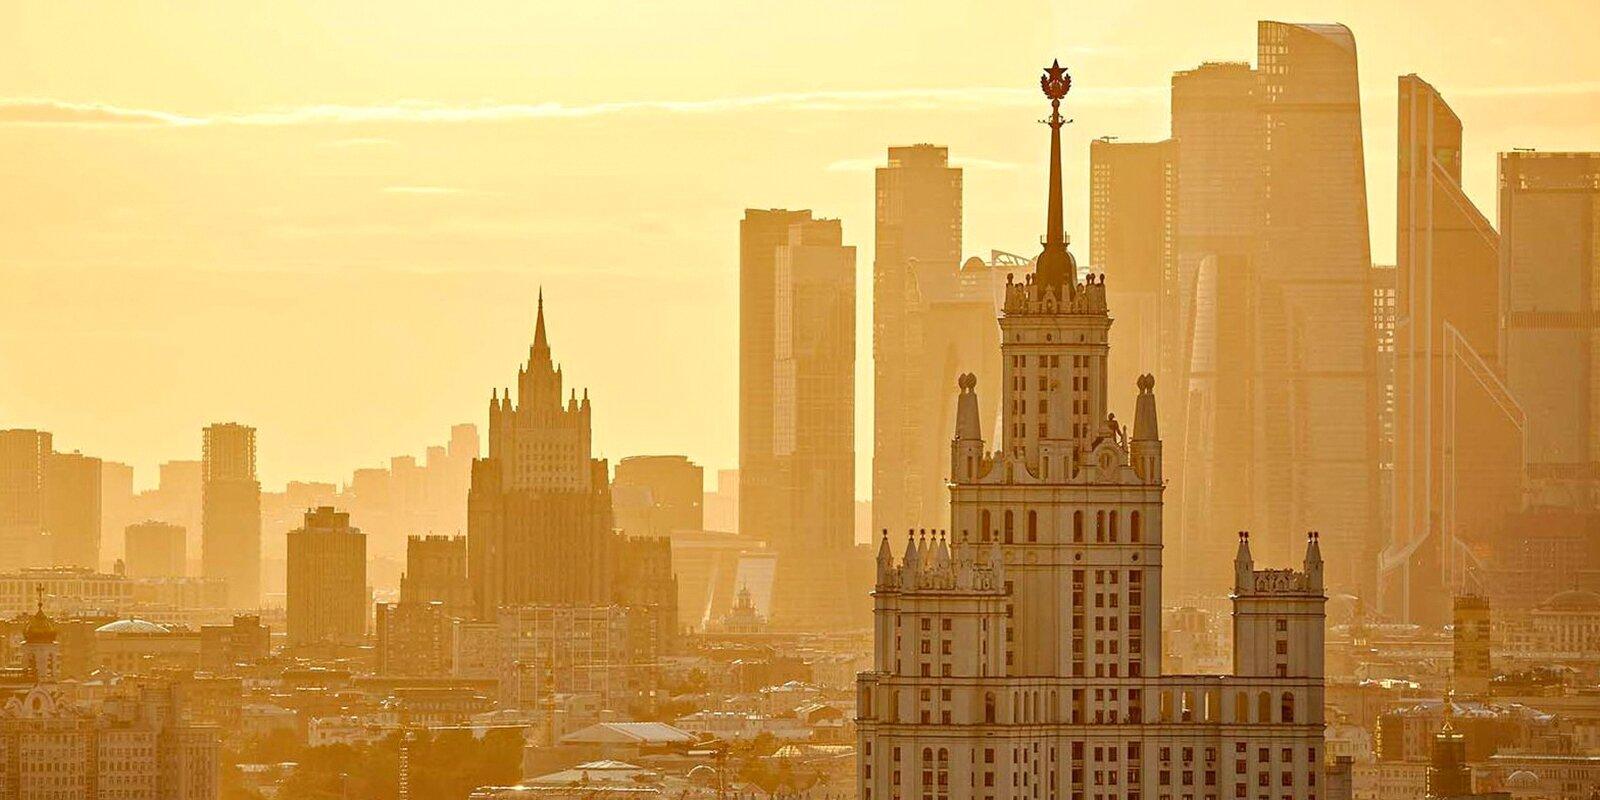 Москва вошла в ТОП-3 рейтинга регионов с актуальной «зелёной» повесткой. Фото: сайт мэра Москвы